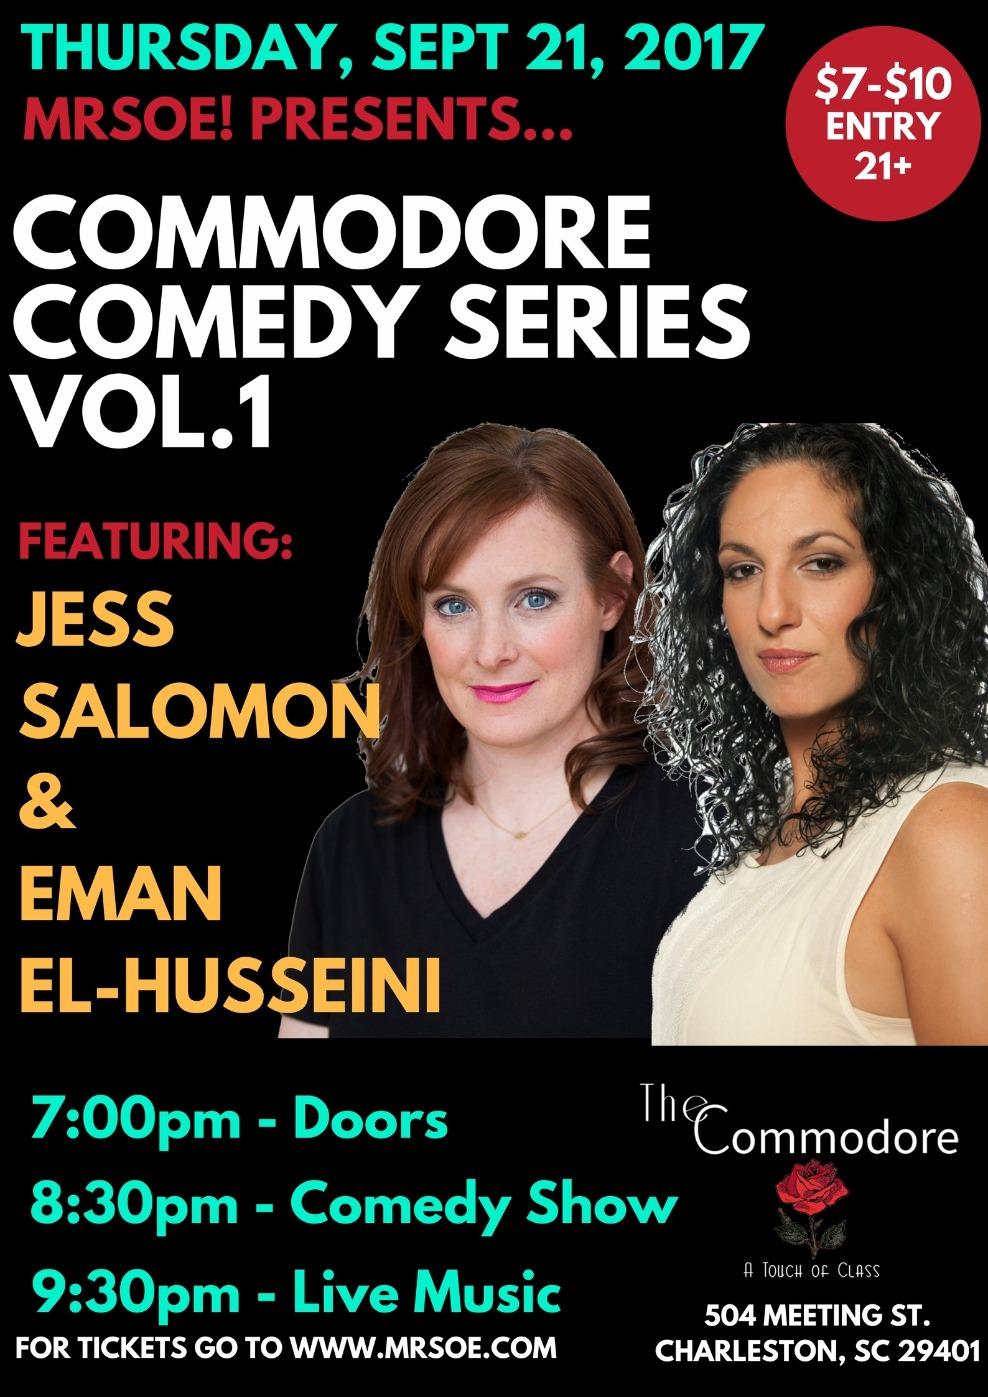 Commodore Comedy Series Vol 1